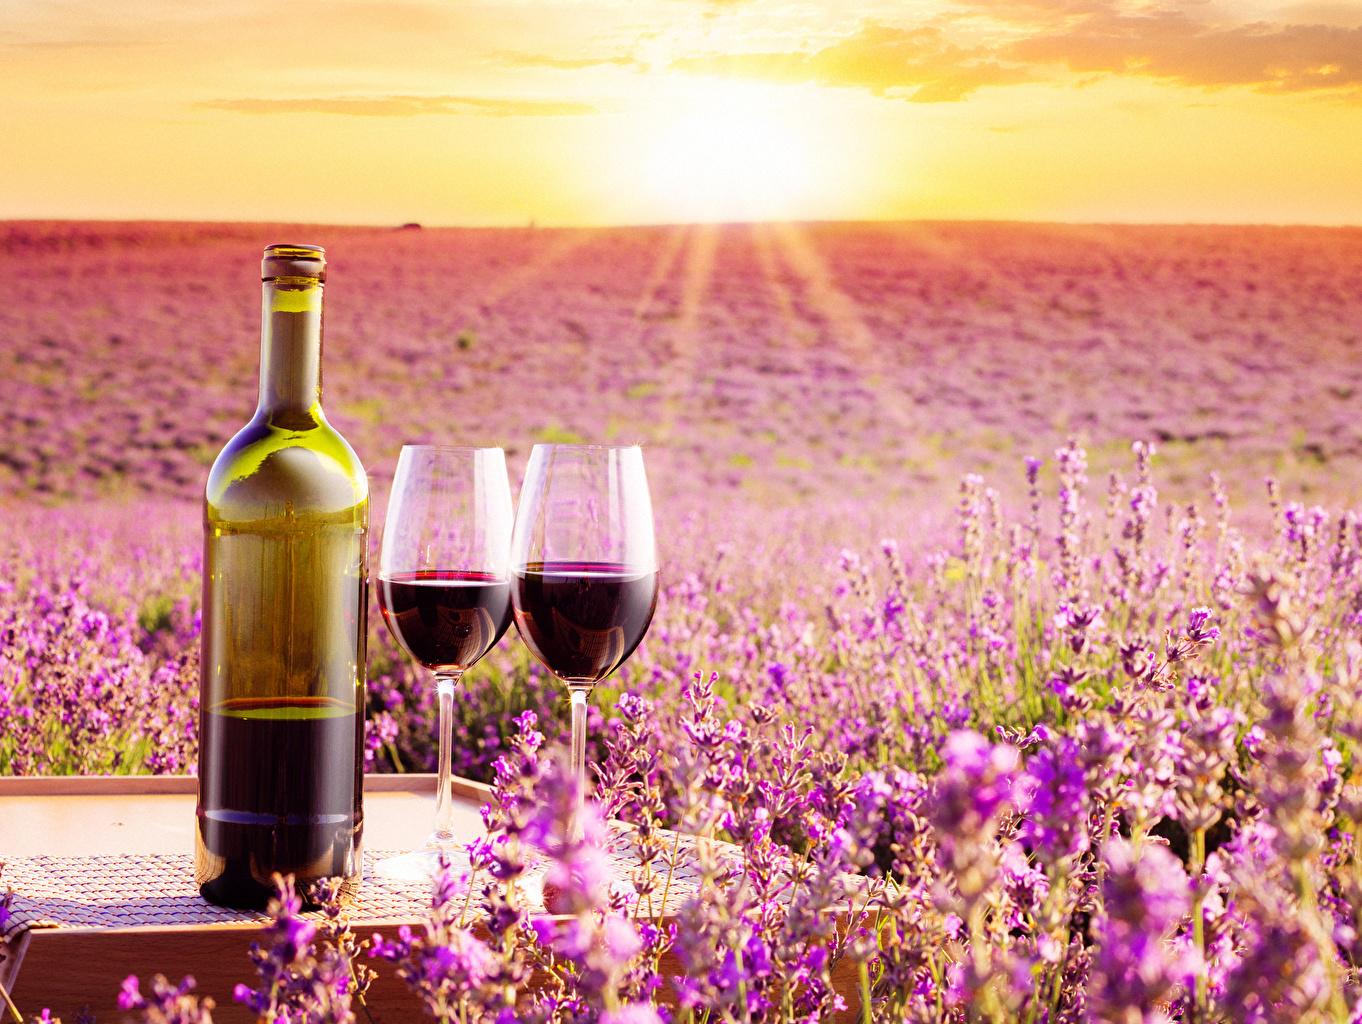 Bilder von Zwei Wein Lavendel Sonnenaufgänge und Sonnenuntergänge Flasche Weinglas Lebensmittel 2 Morgendämmerung und Sonnenuntergang flaschen das Essen